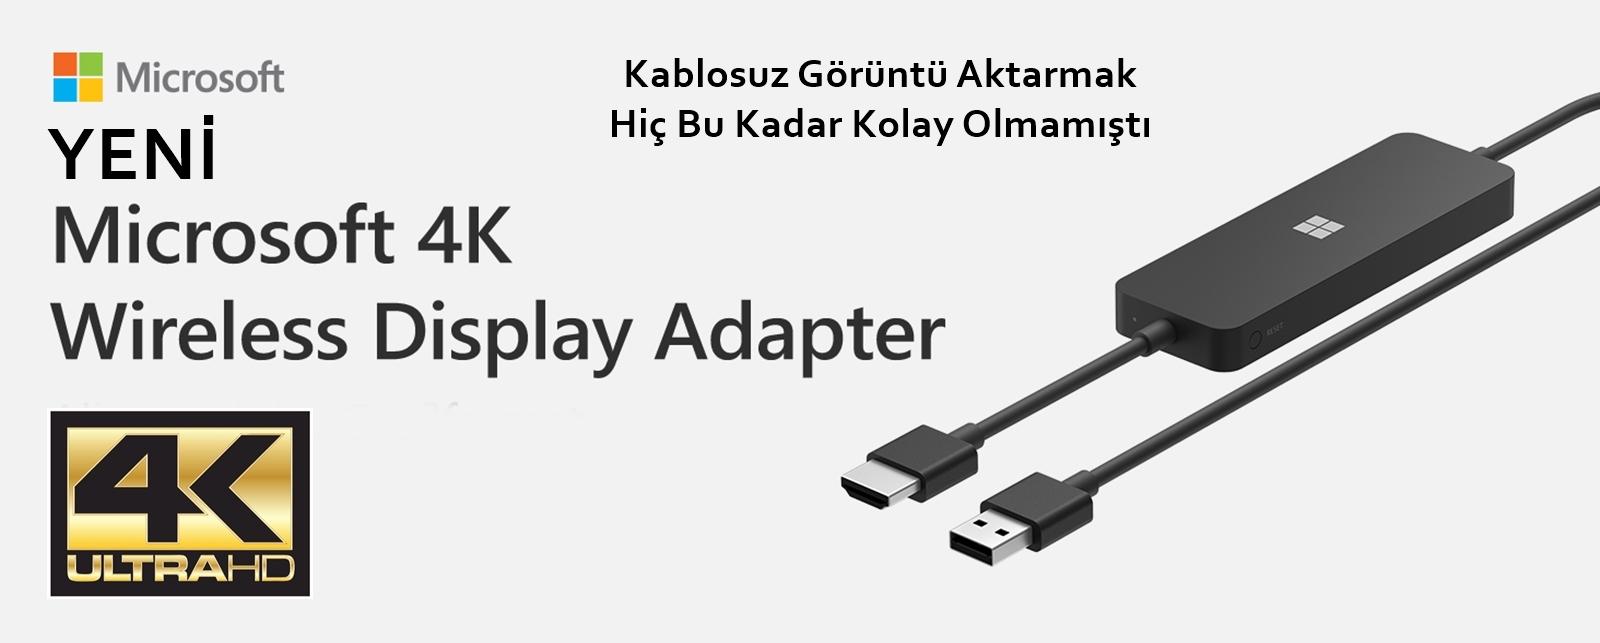 Microsoft 4K Kablosuz Görüntü Adaptörü